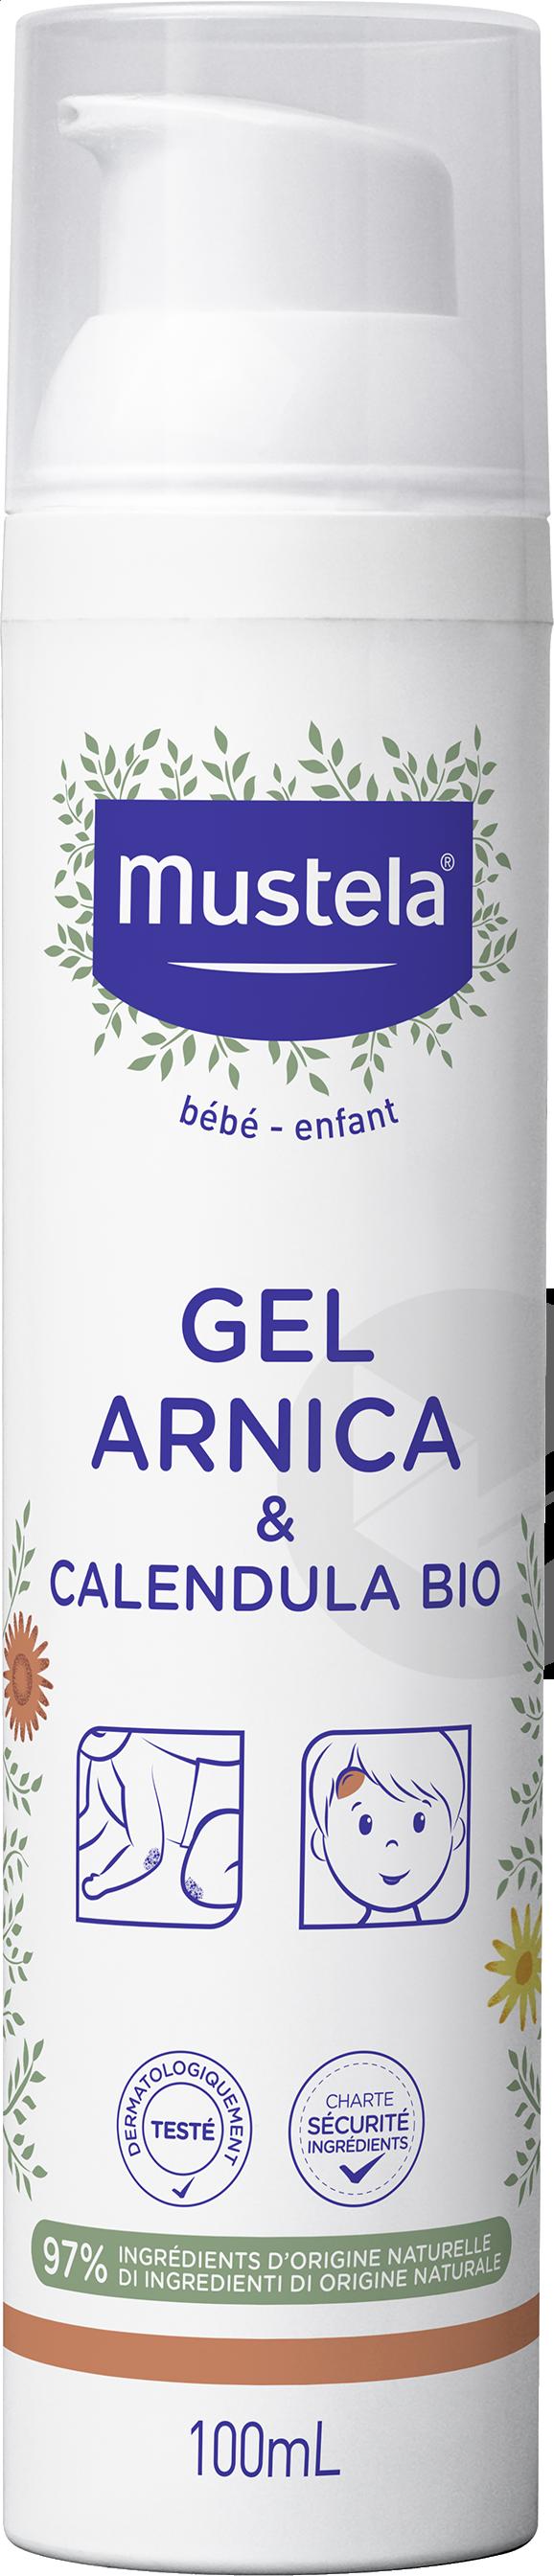 Gel Arnica Mustela 100 ml